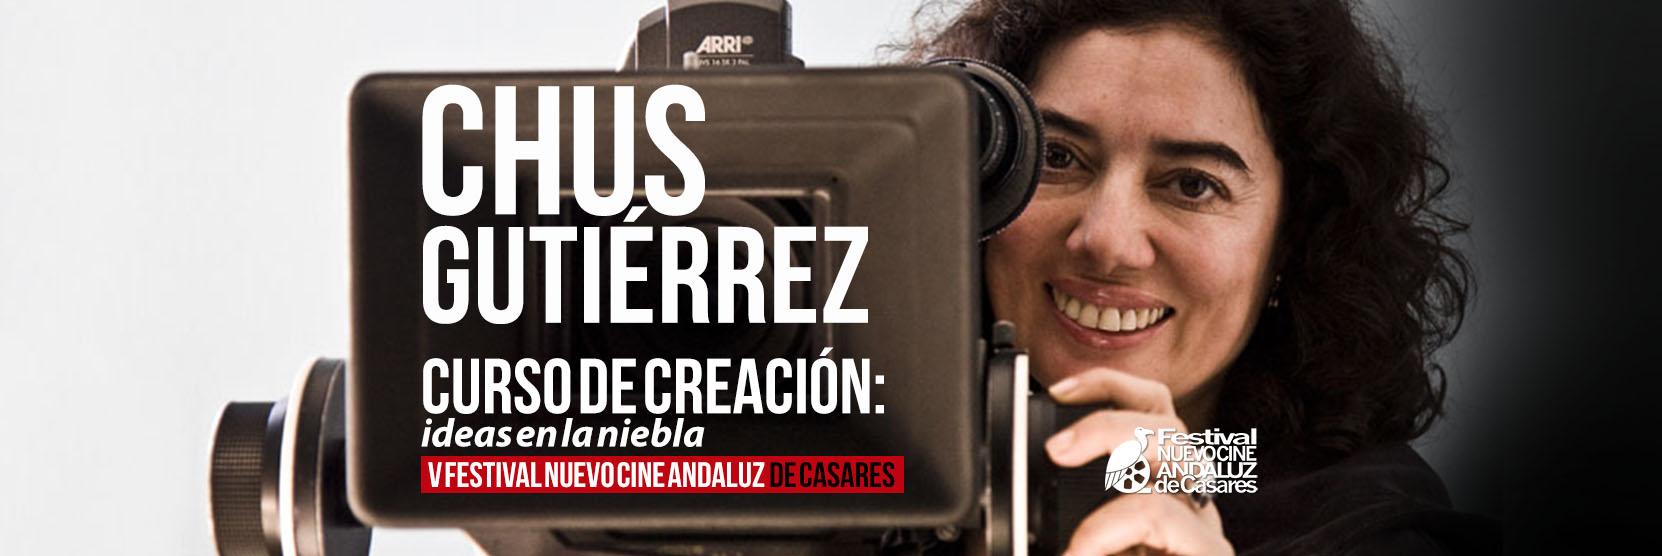 Curso de Creación cinematográfica, con Chus Gutiérrez